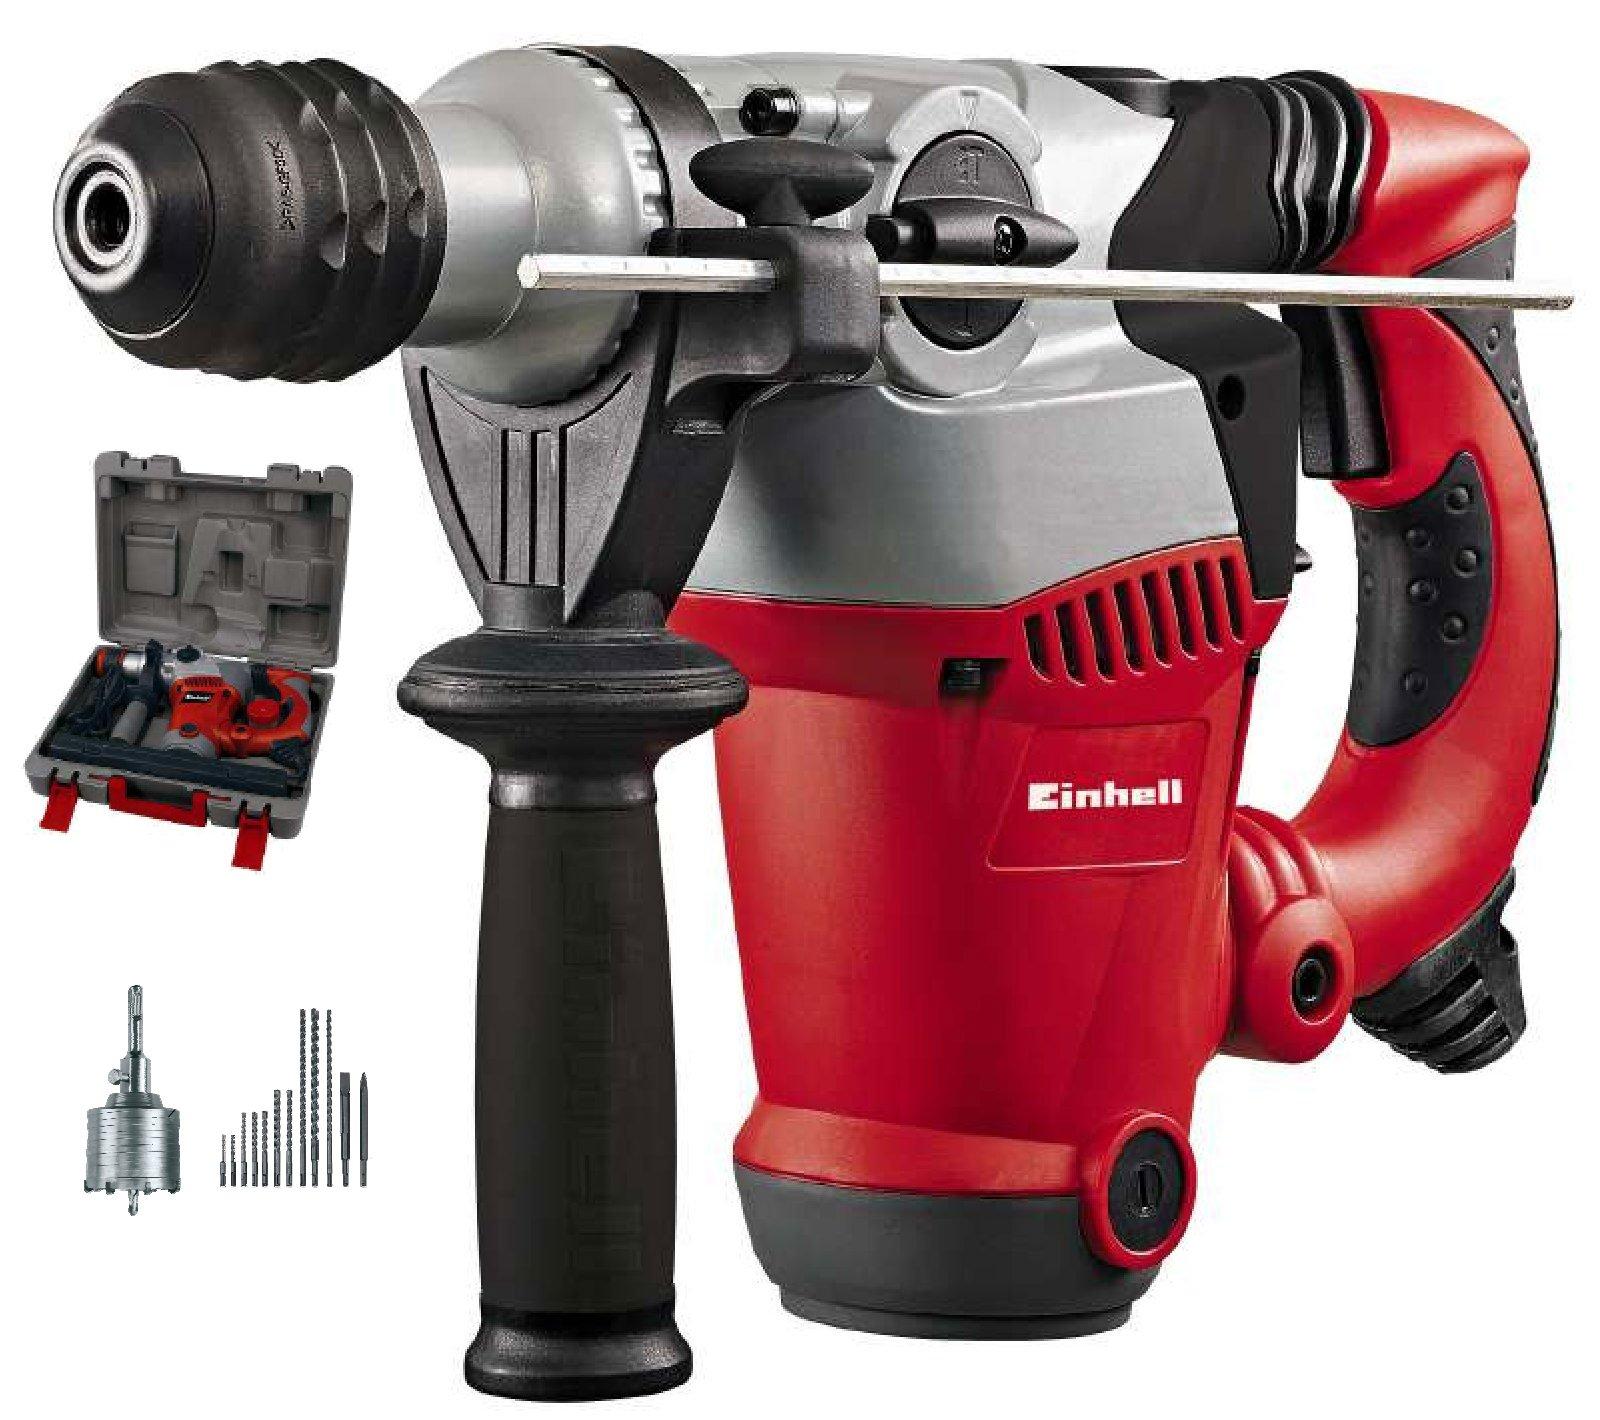 einhell bohrhammer kit rt rh 32 1250 wattbohrhammerset z heimwerken bauen. Black Bedroom Furniture Sets. Home Design Ideas